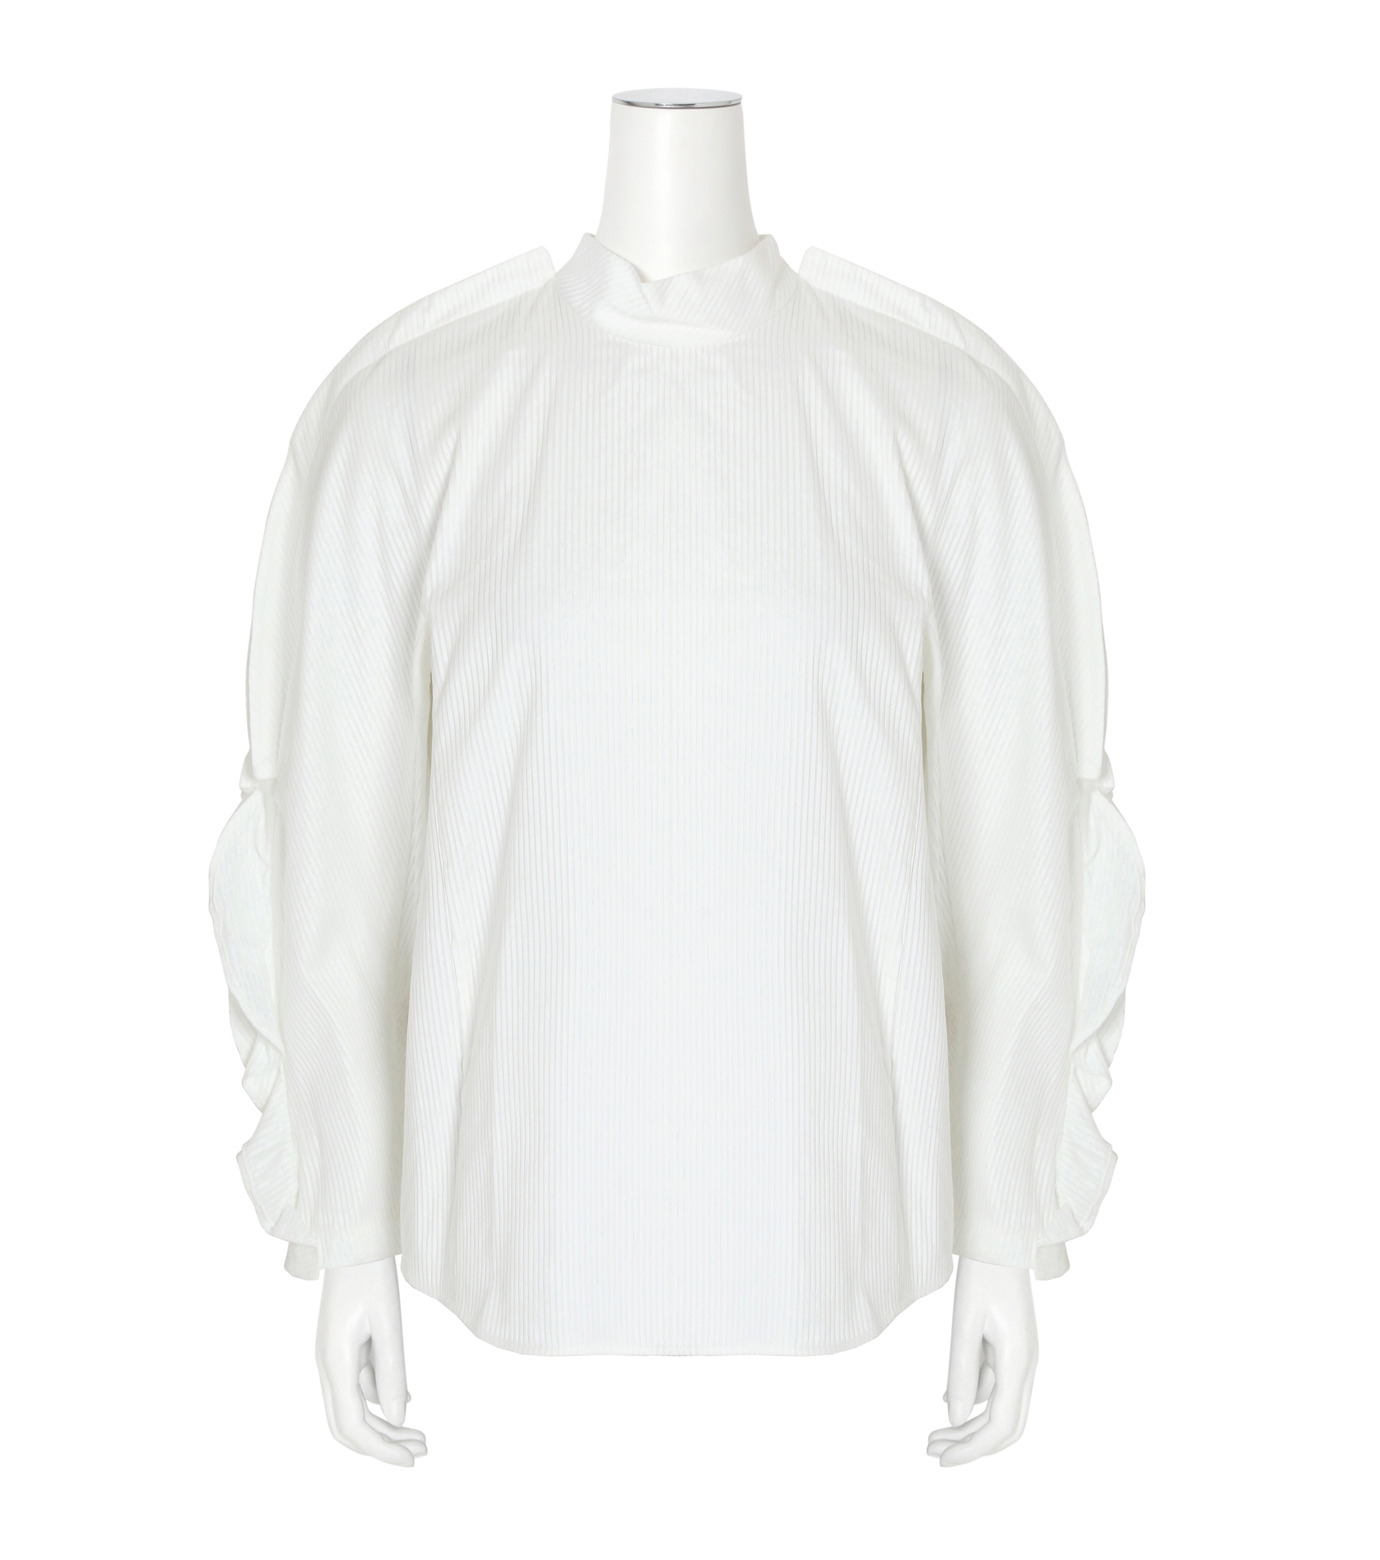 Toga(トーガ)のSatin Shirt-WHITE(BLOUSE/BLOUSE)-TA62-FJ043-4 拡大詳細画像1